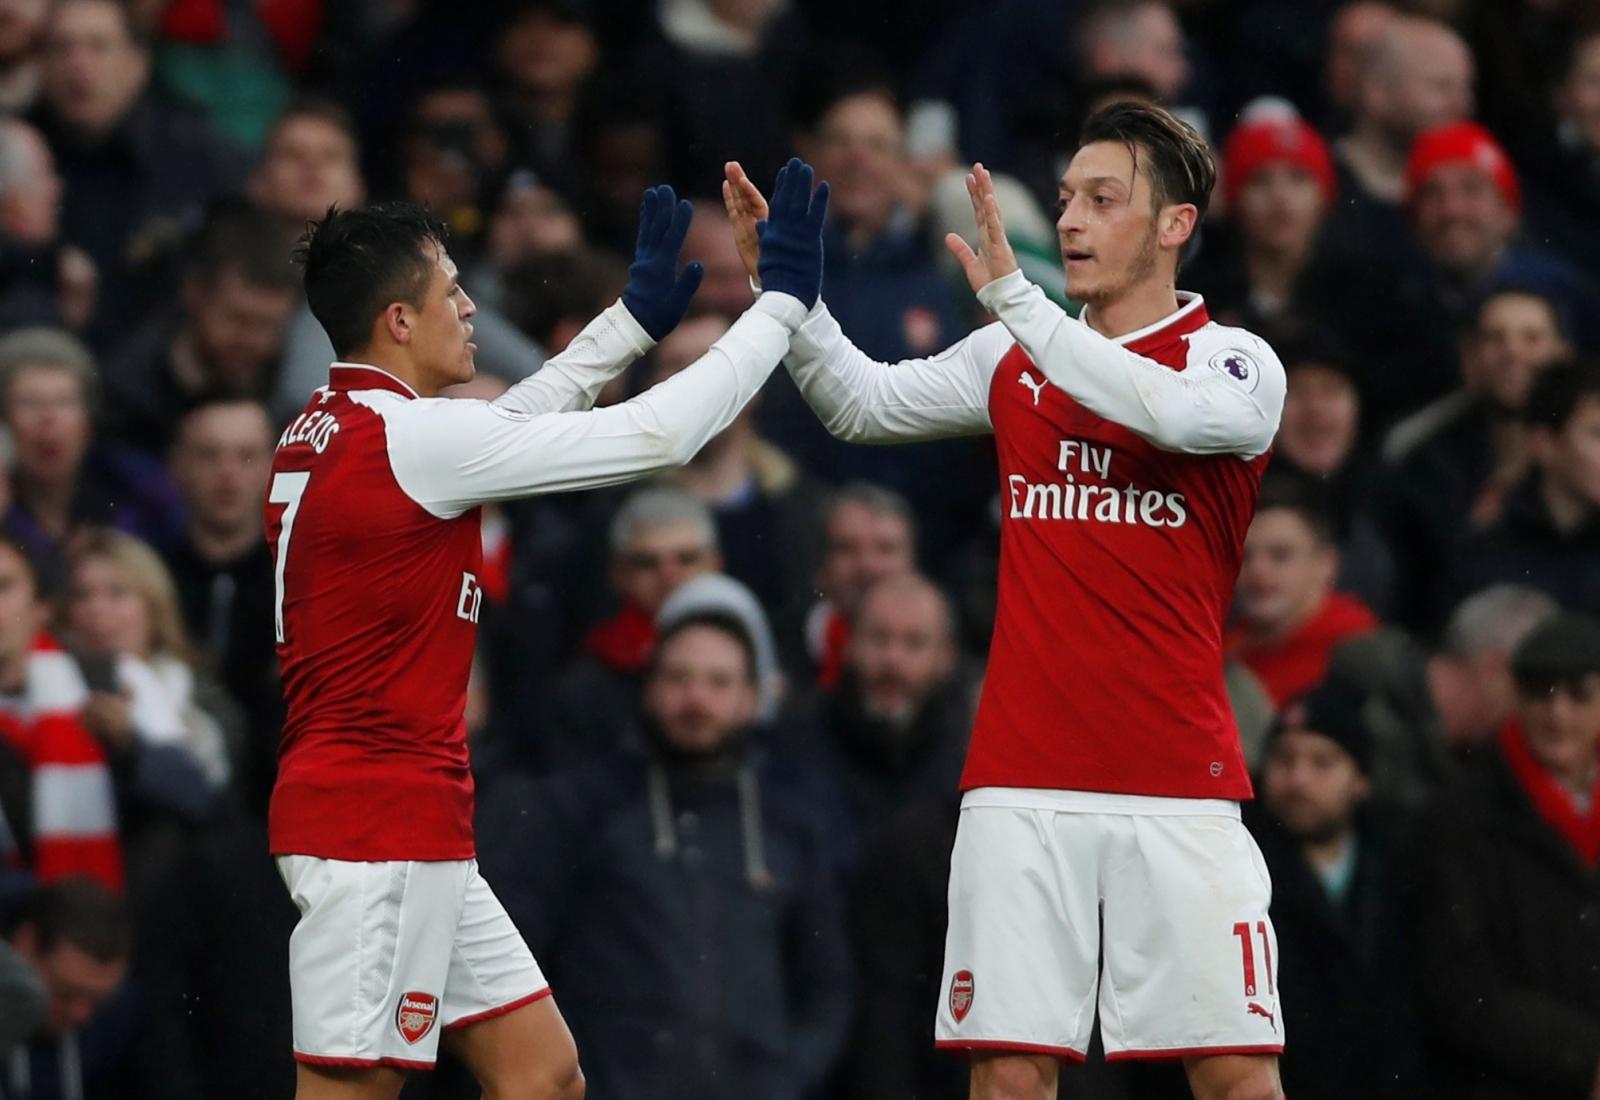 Alexis Sanchez & Mesut Ozil